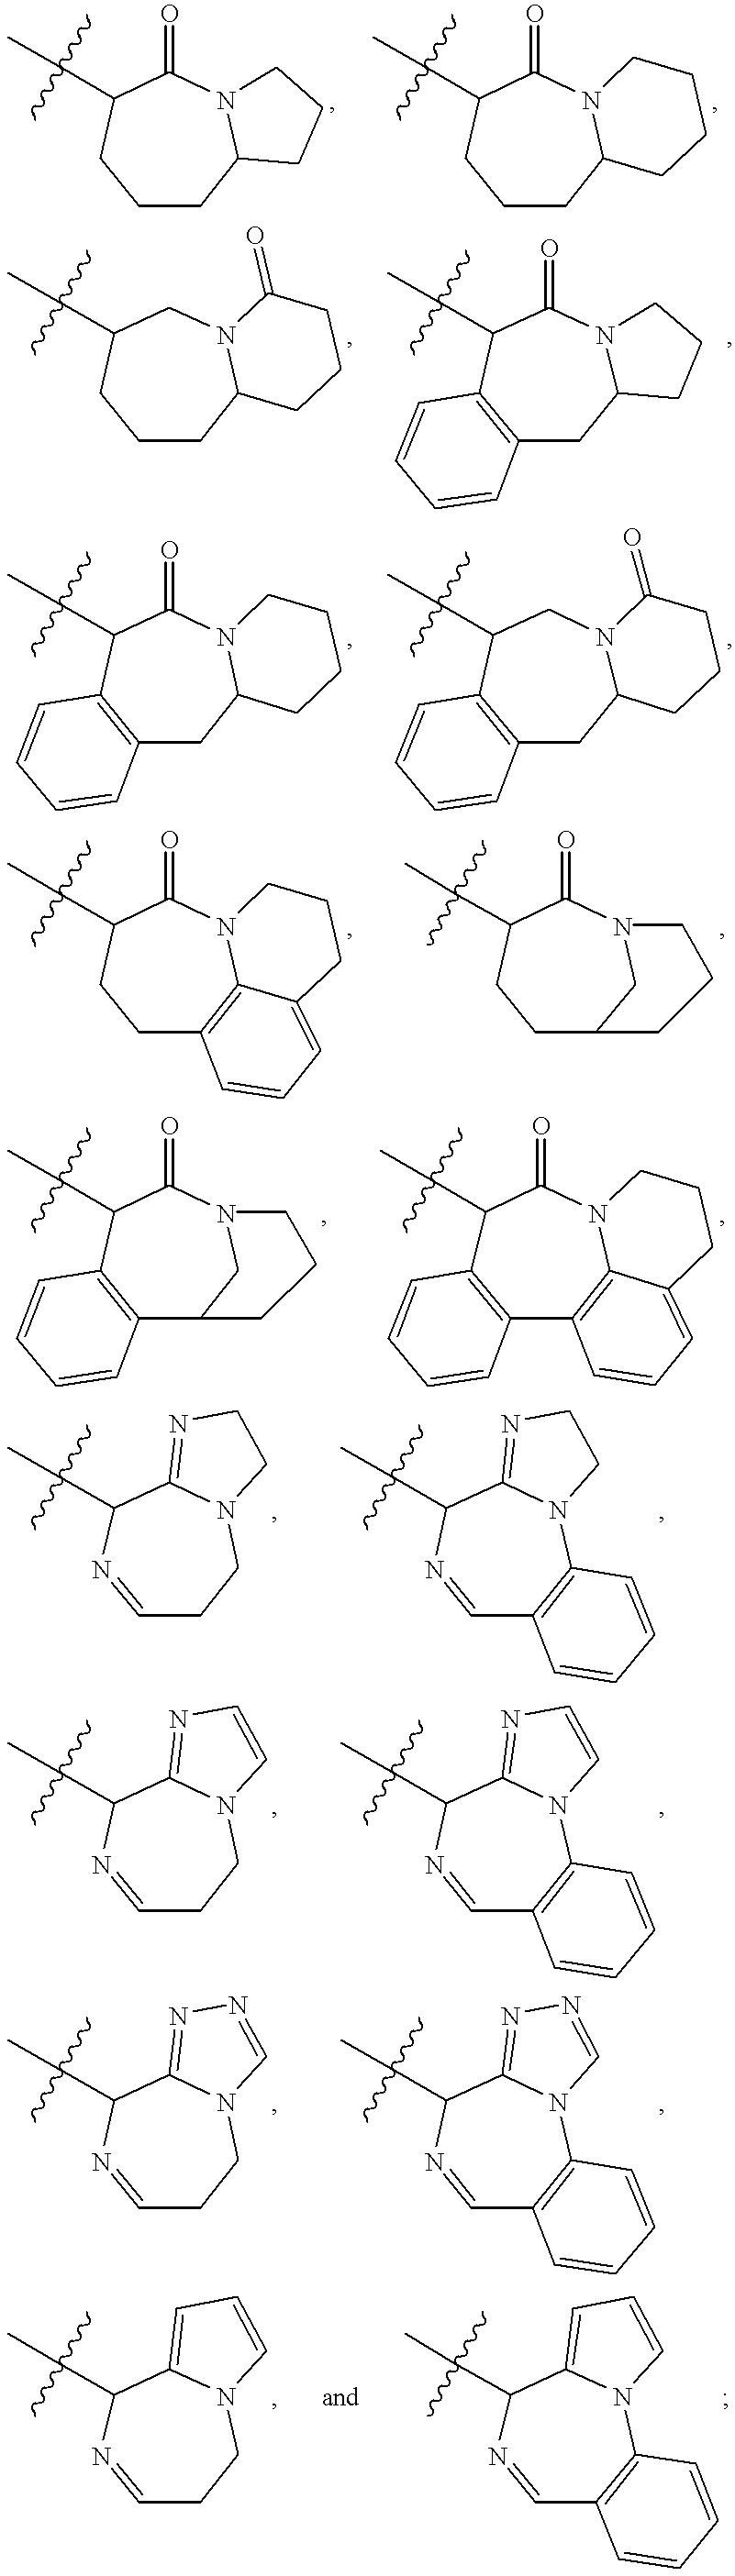 Figure US20020055501A1-20020509-C00029